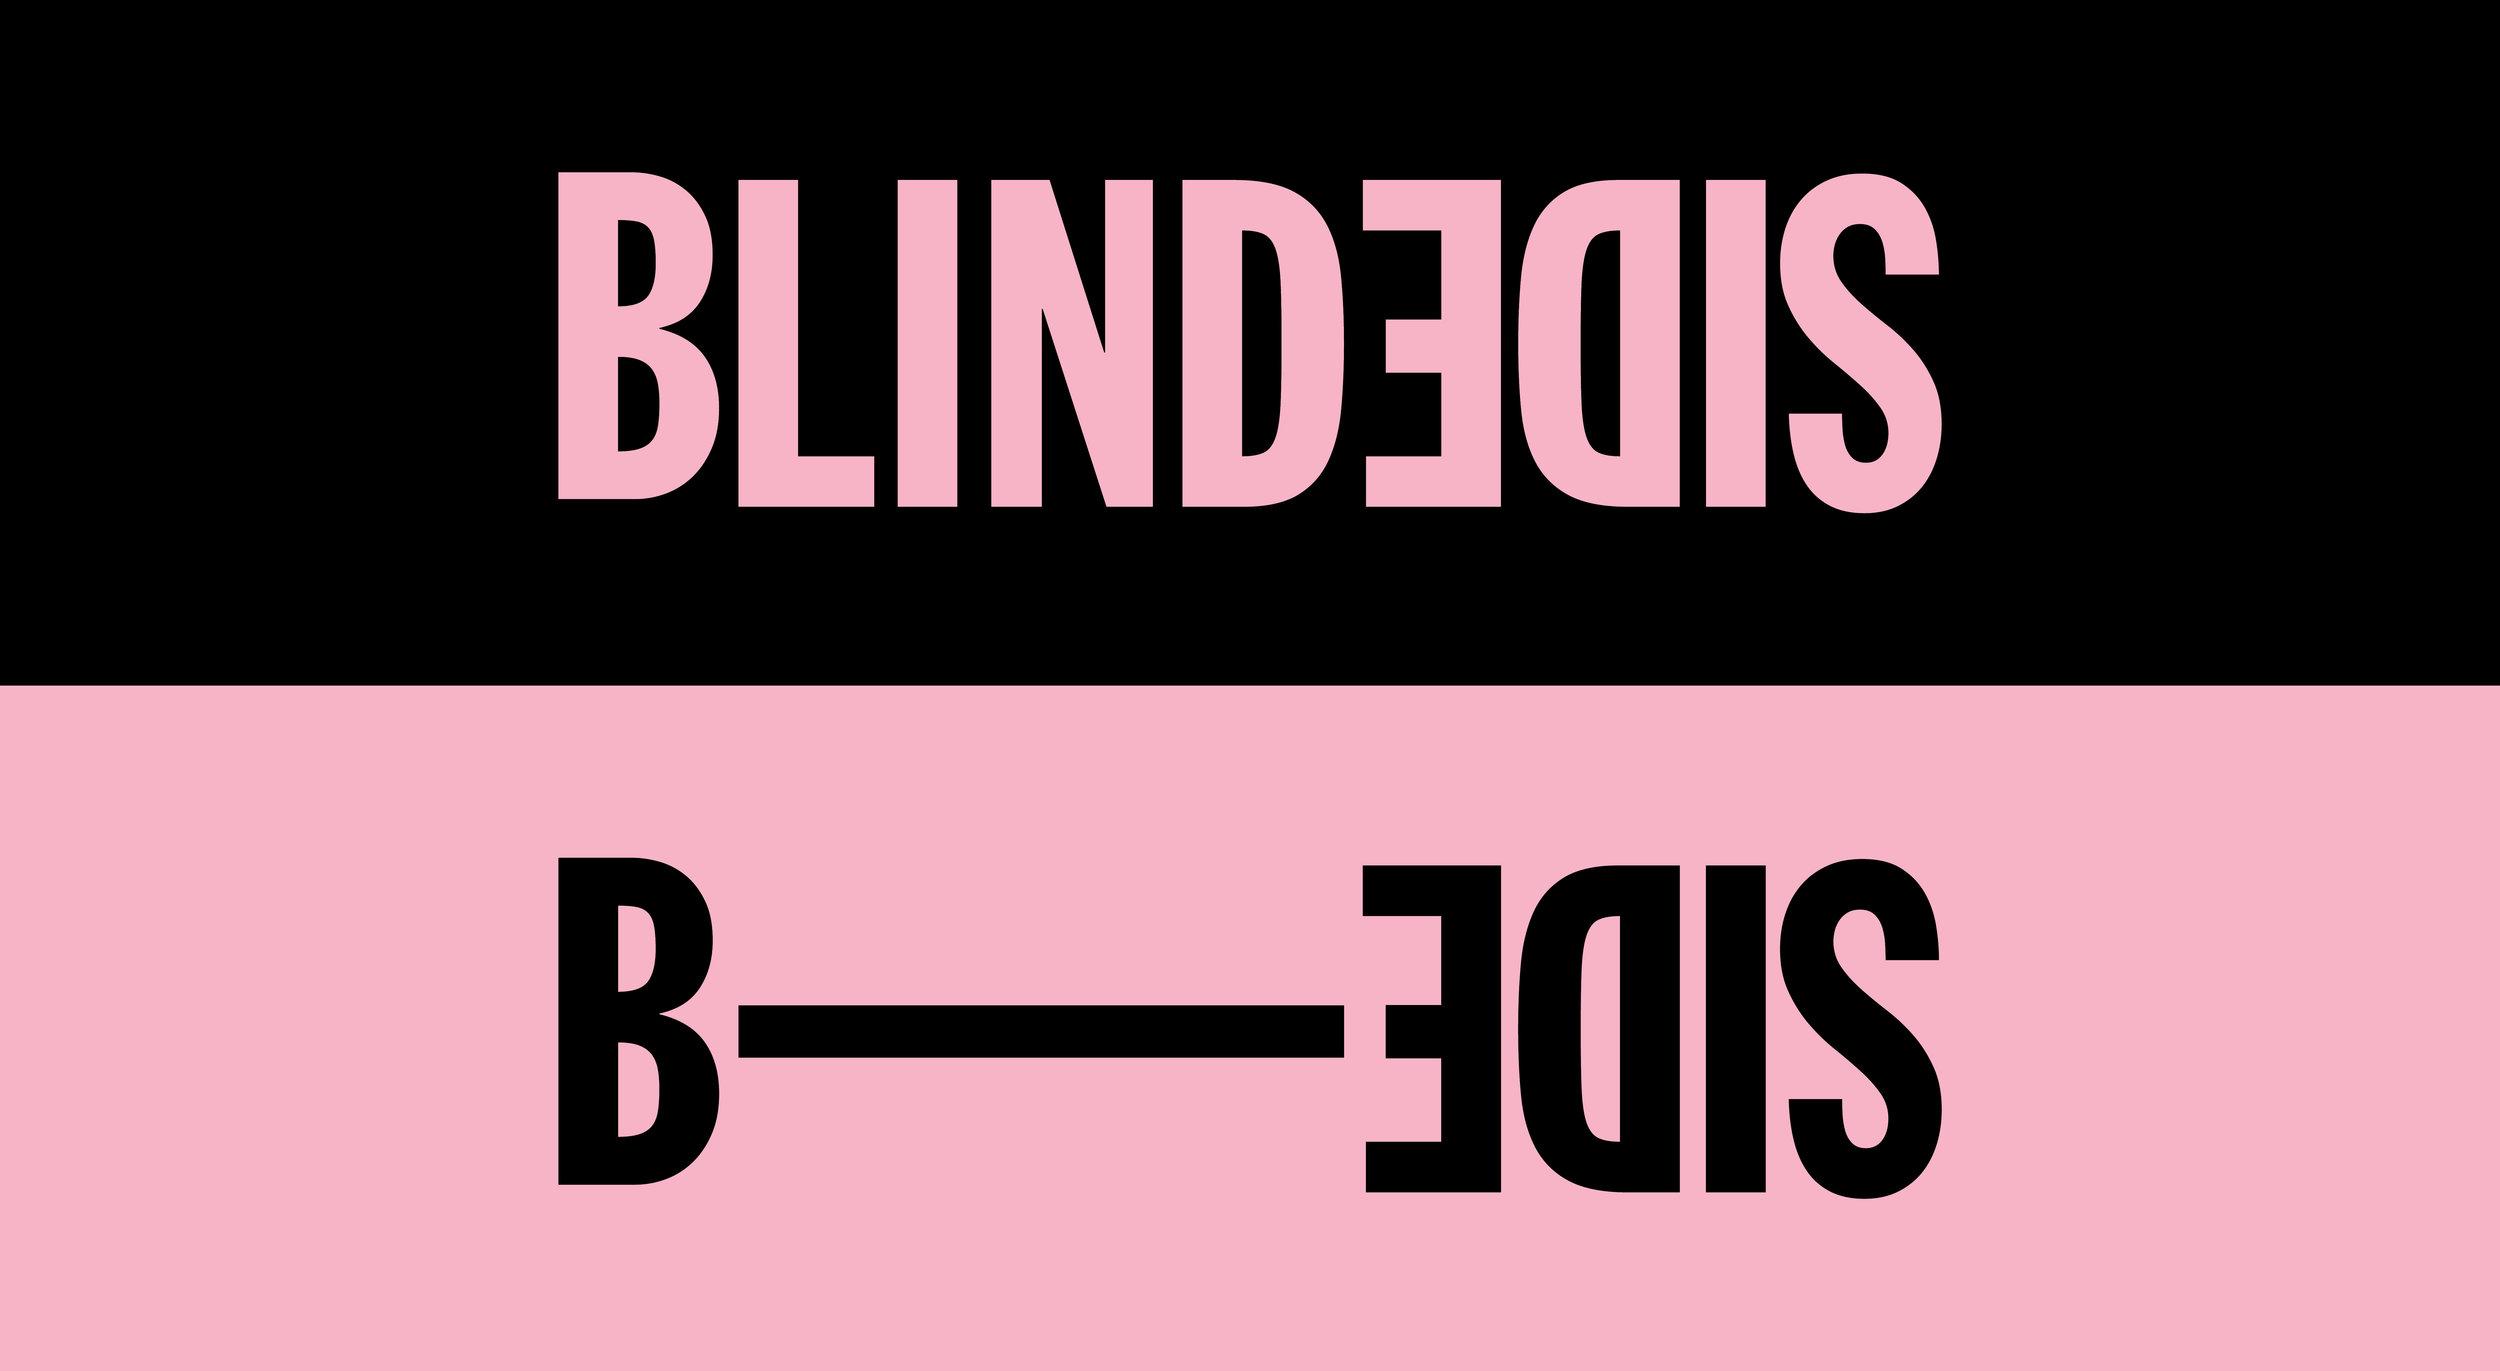 110.Blindside_bside_facebook2.jpg